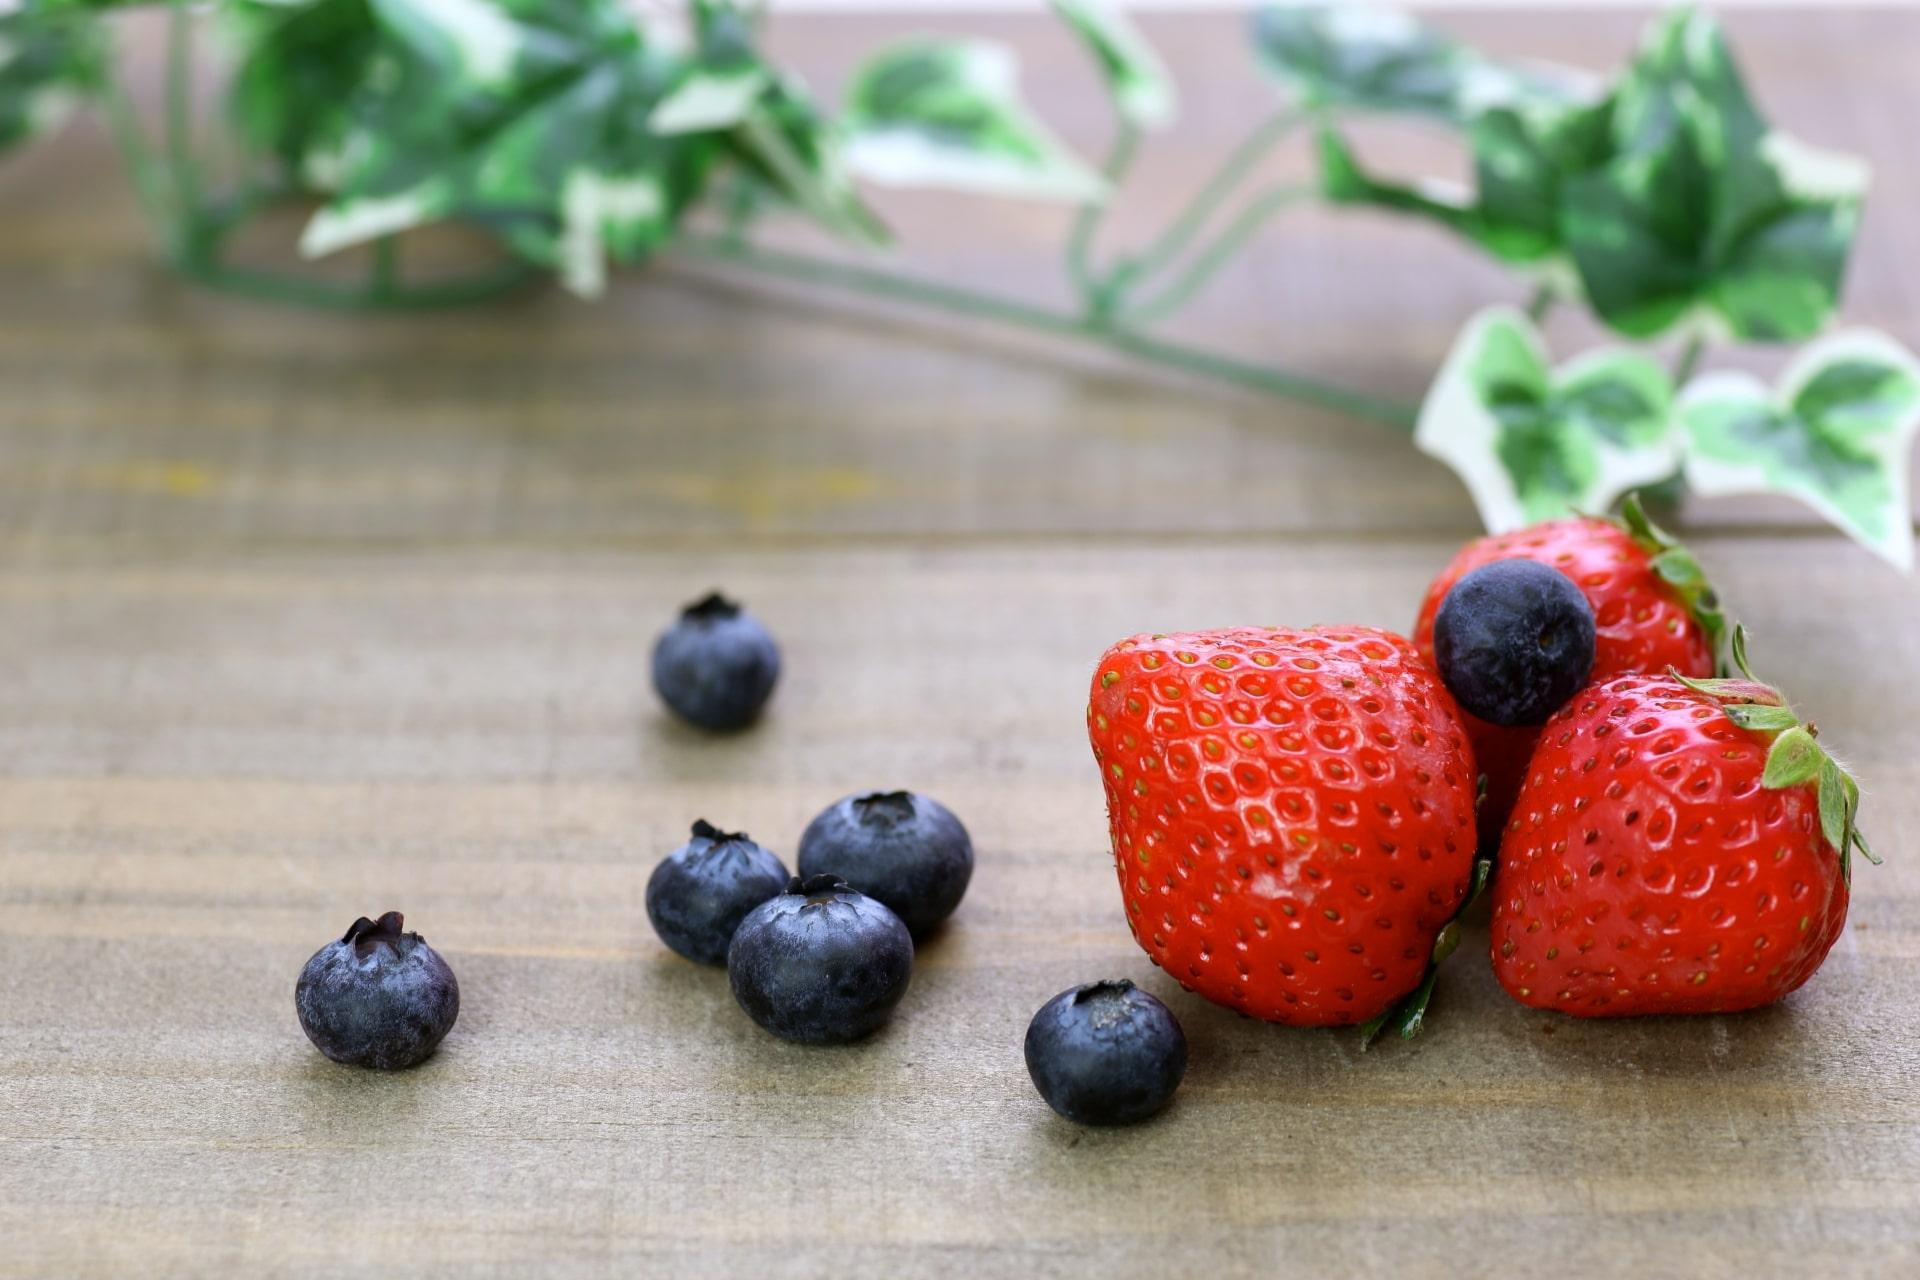 ベリーで健康!! イチゴとブルーベリーの栄養と保存方法